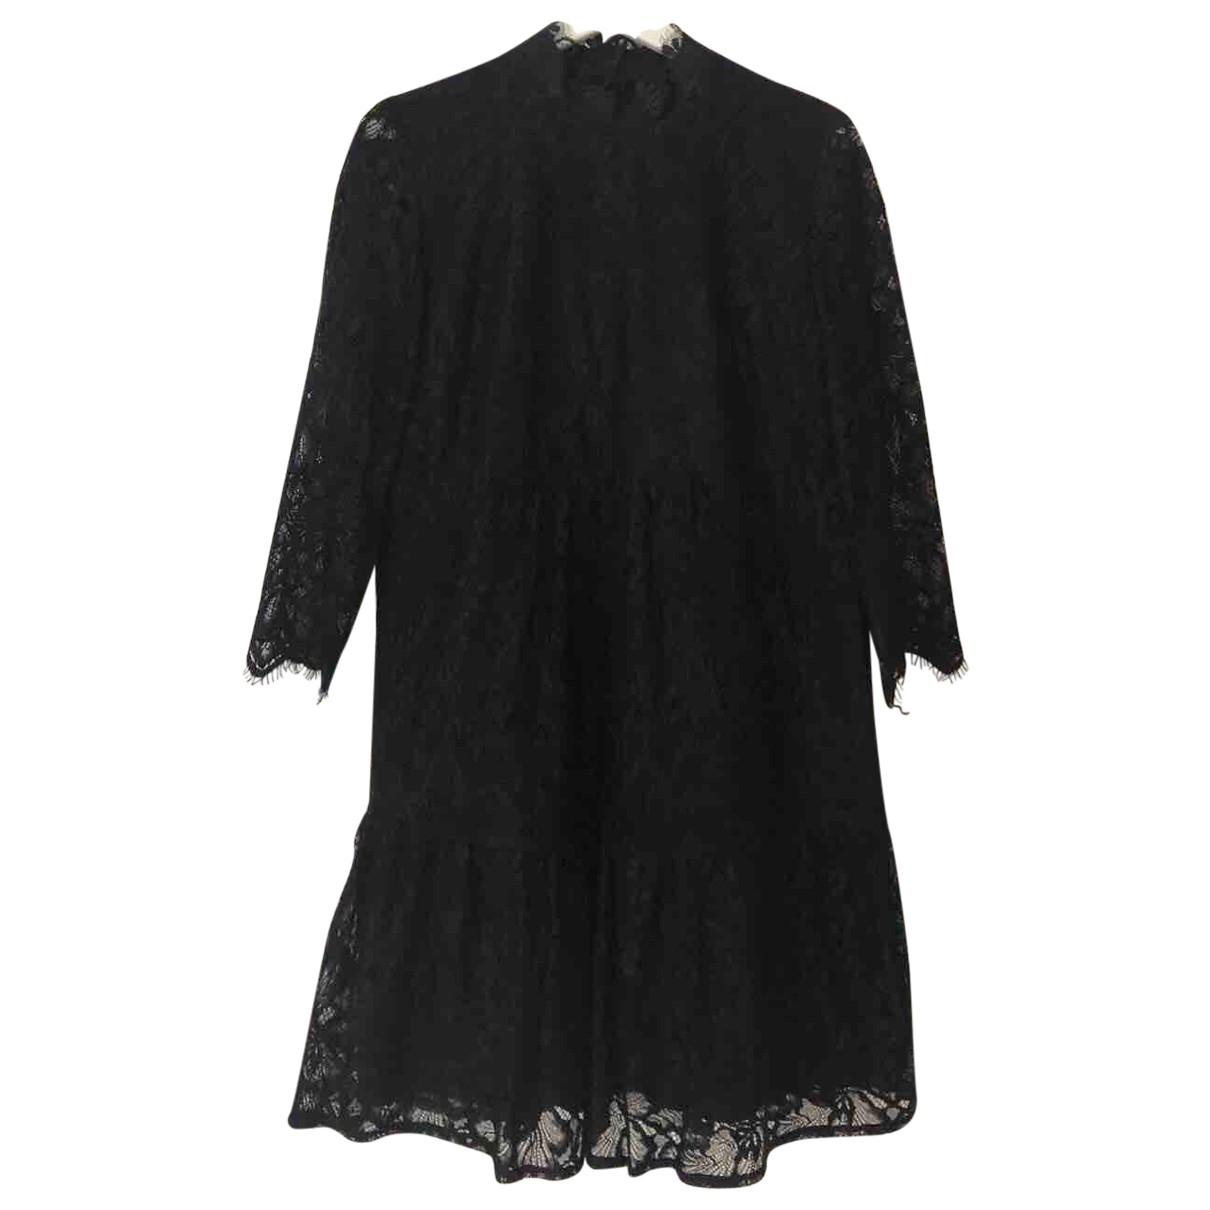 Sezane - Robe Fall Winter 2019 pour femme - noir